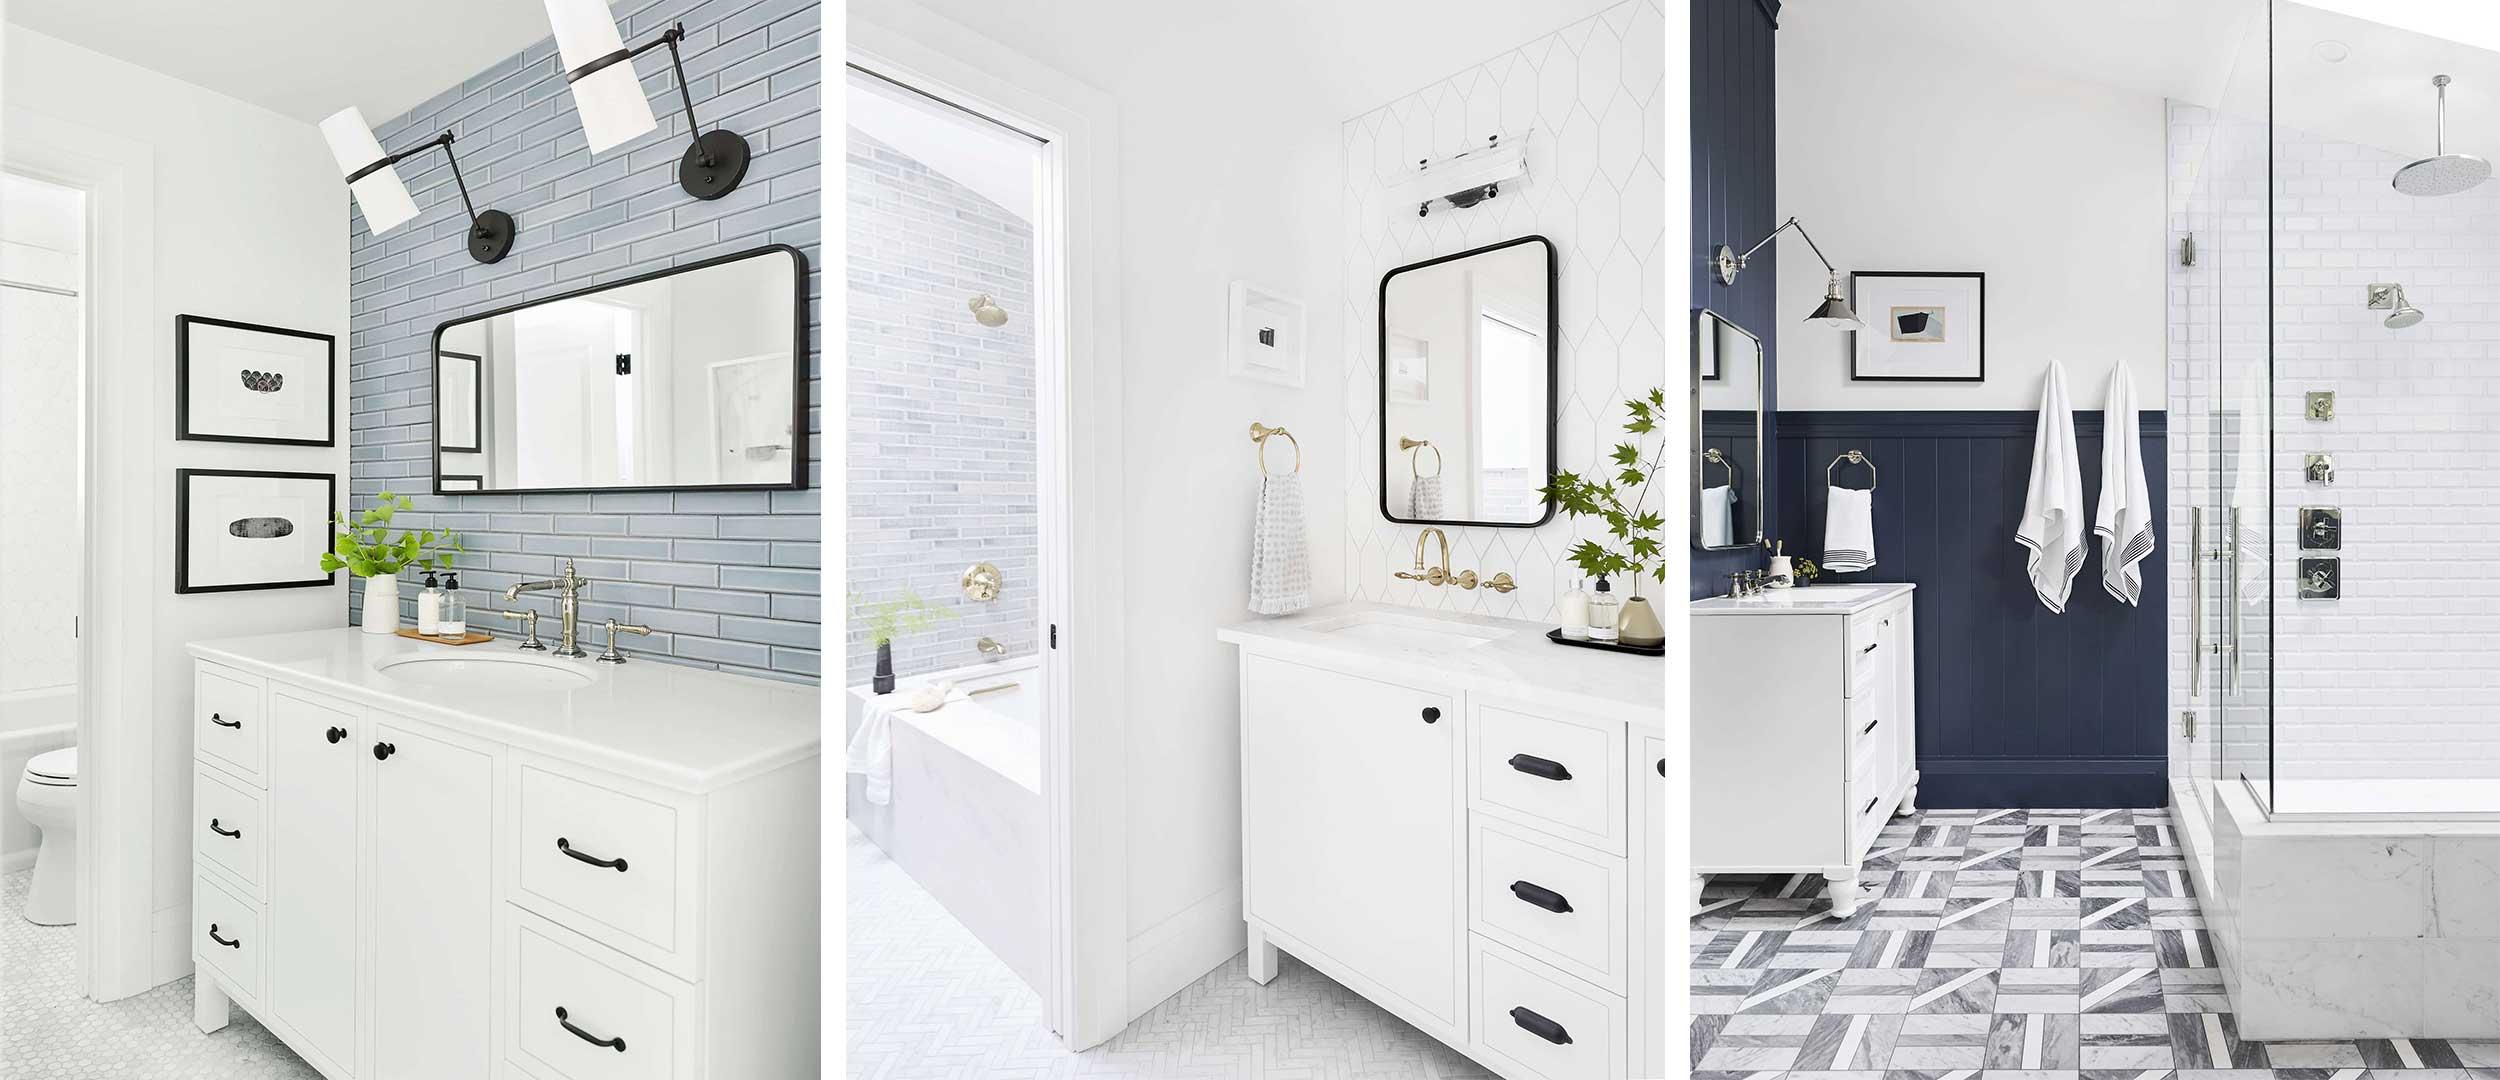 """4 quy tắc """"cần"""" và """"đủ"""" để chọn gạch ốp chuẩn cho phòng tắm và phòng bếp"""